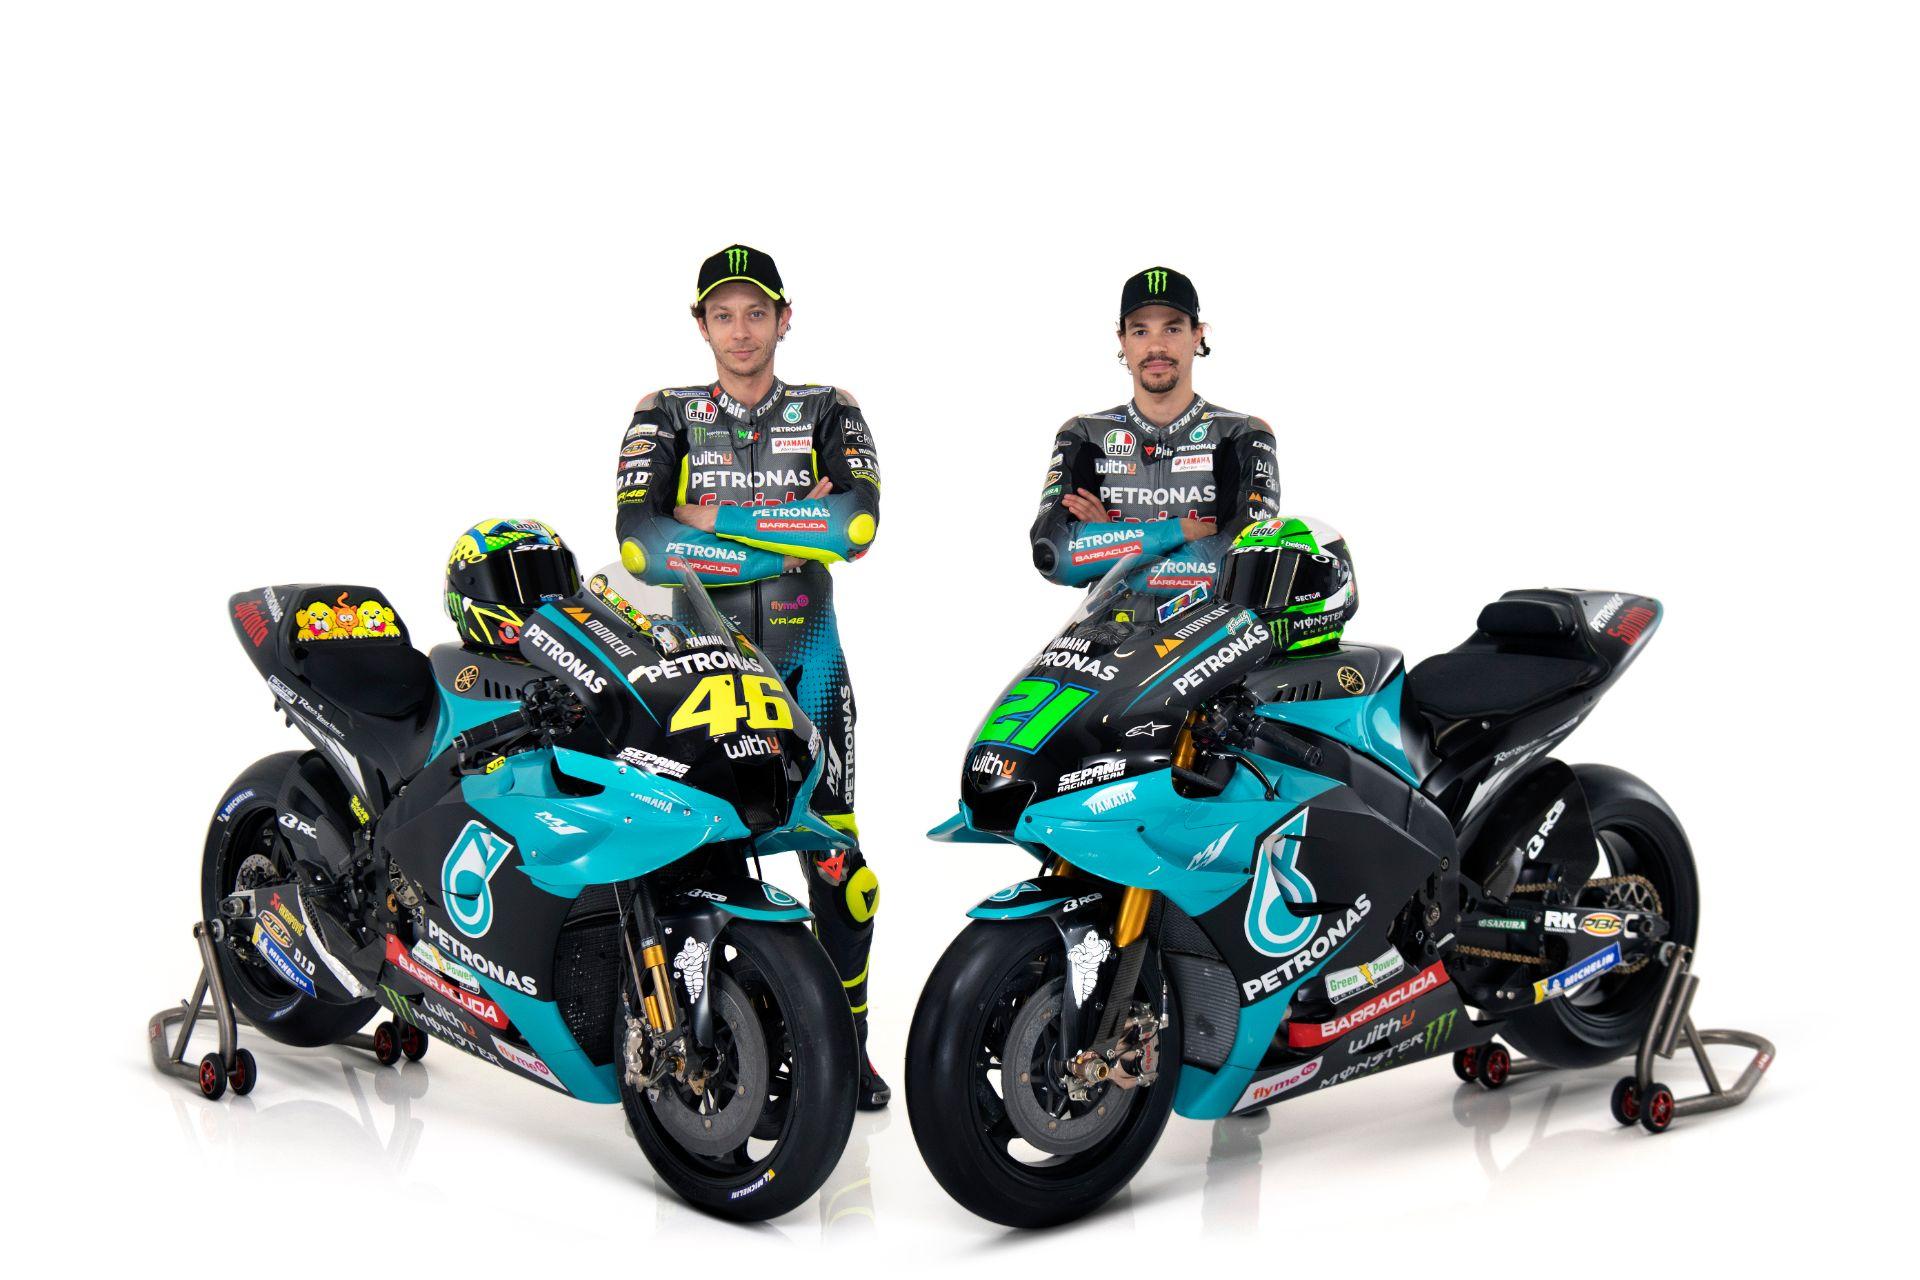 Pindah ke Tim Satelit, ini penampakan perdana Valentino Rossi gunakan atribut tim Petronas Yamaha SRT 2021